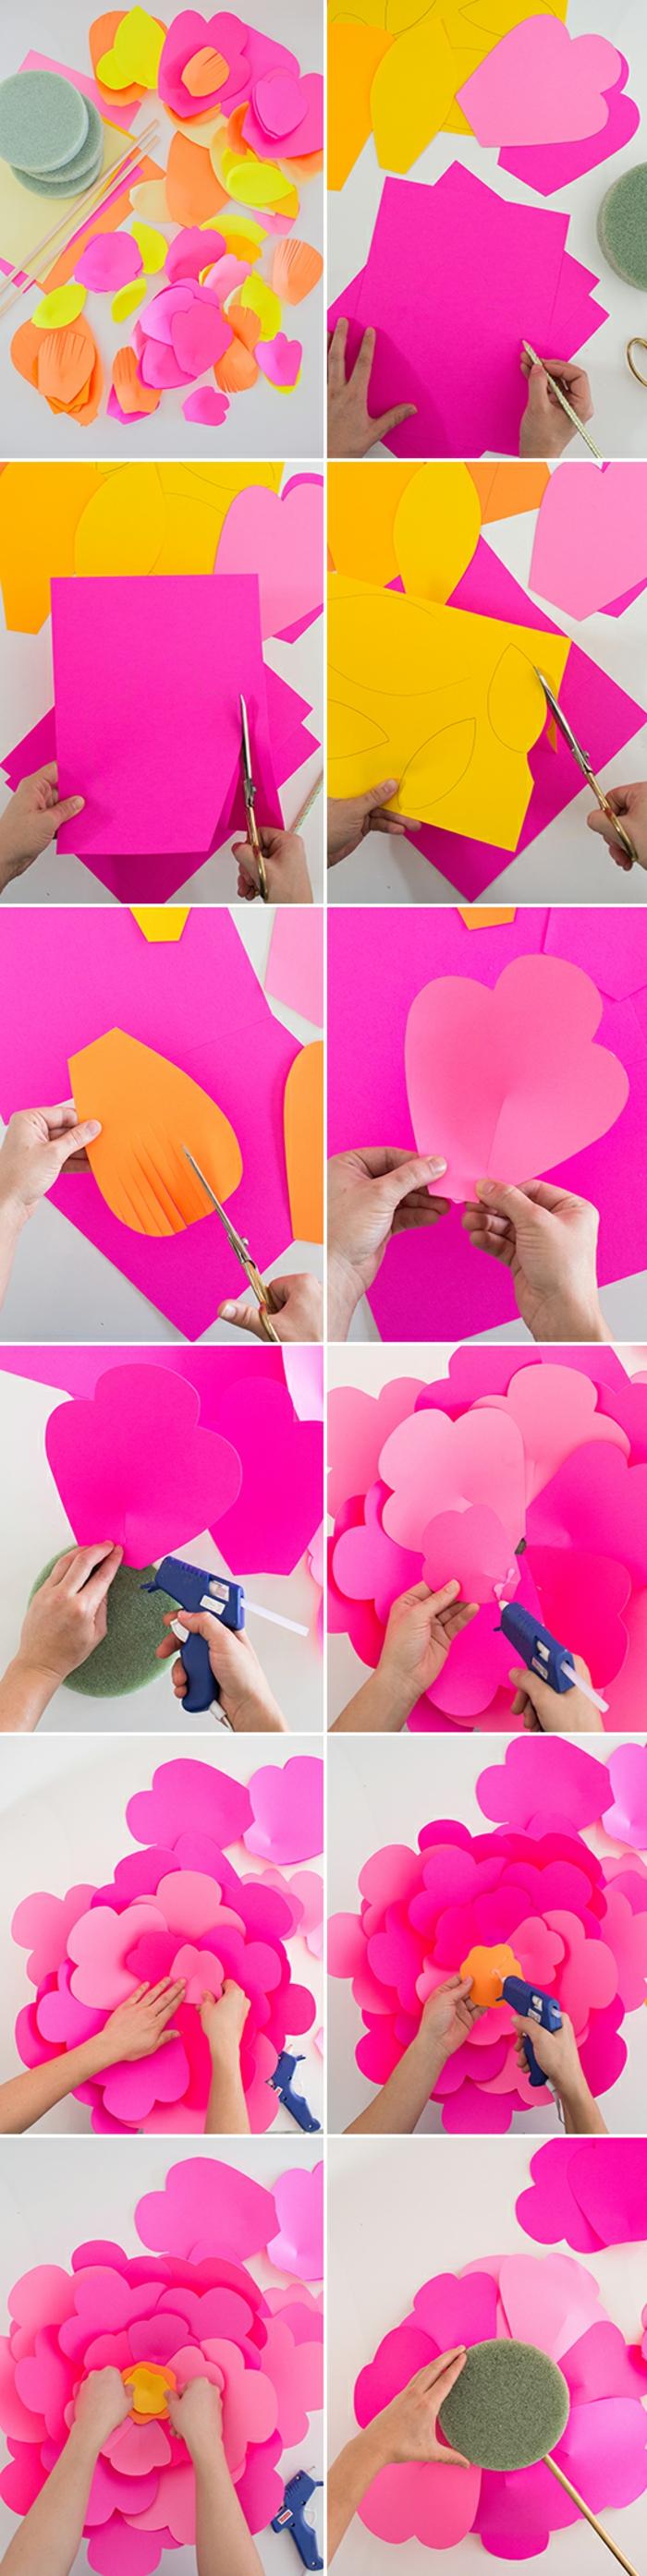 papierblumen basteln, große blume aus rosa karton, heißklebepistole